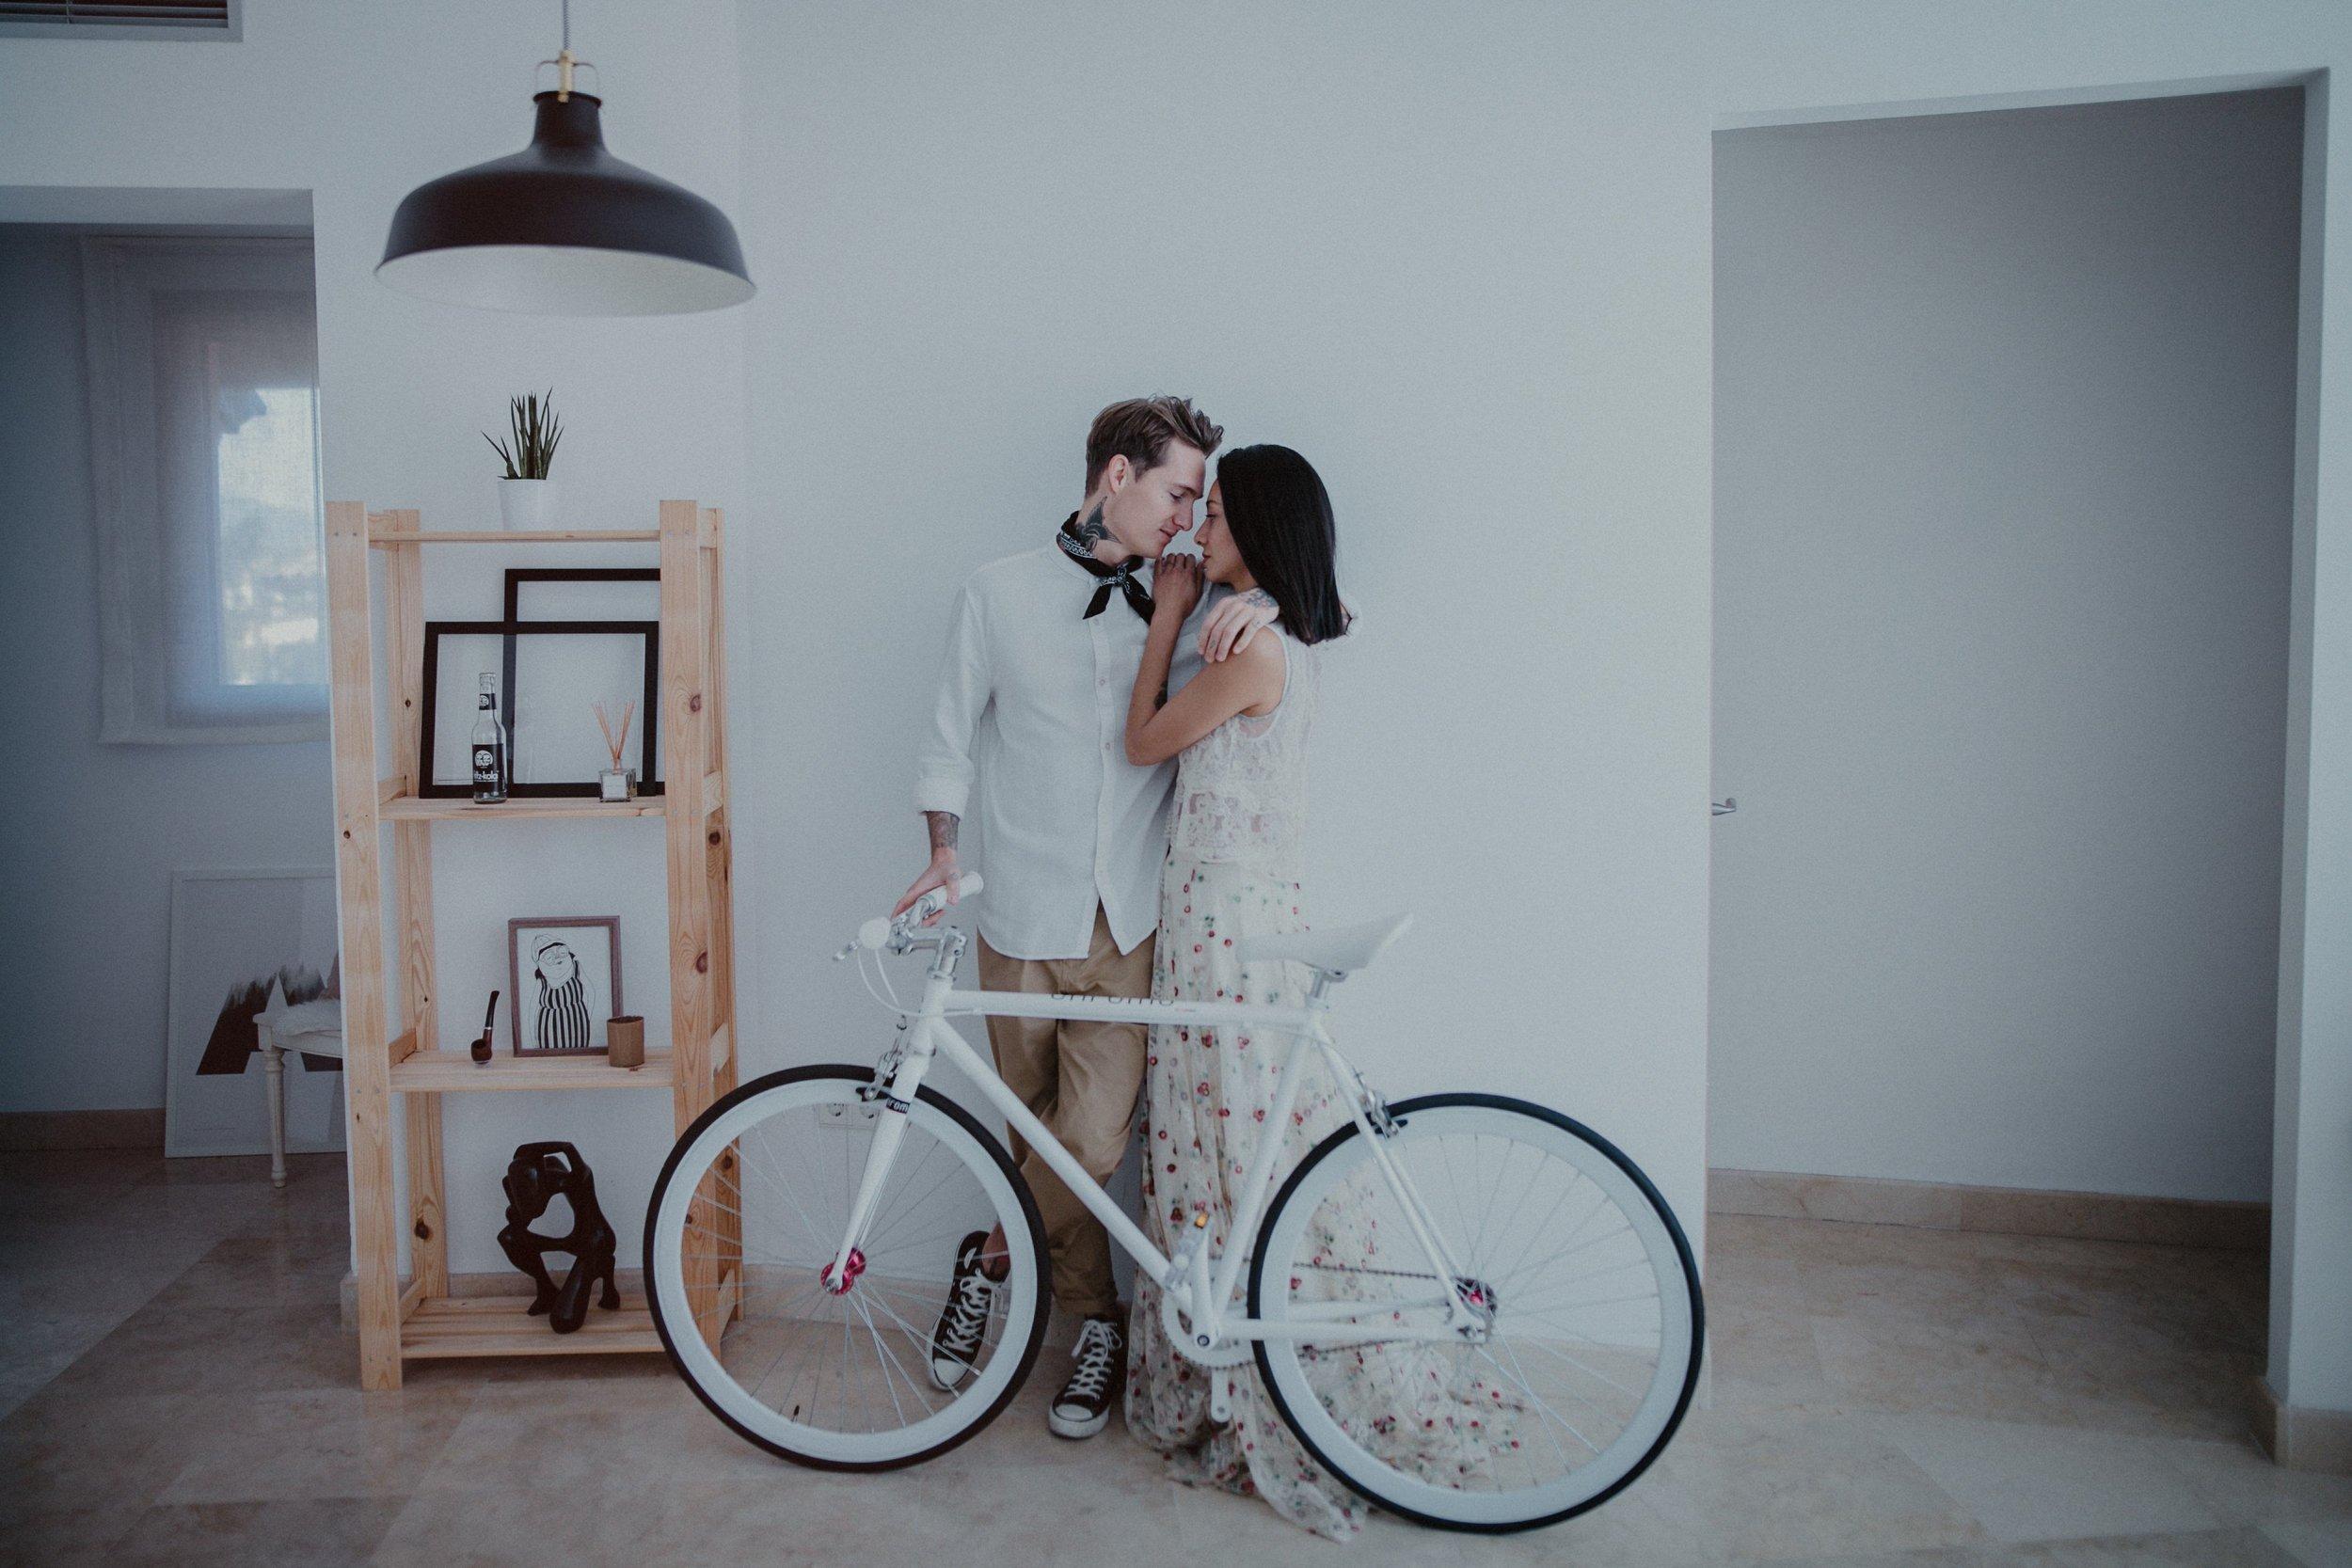 Fotografo de bodas españa serafin castillo wedding photographer spain 911.jpg